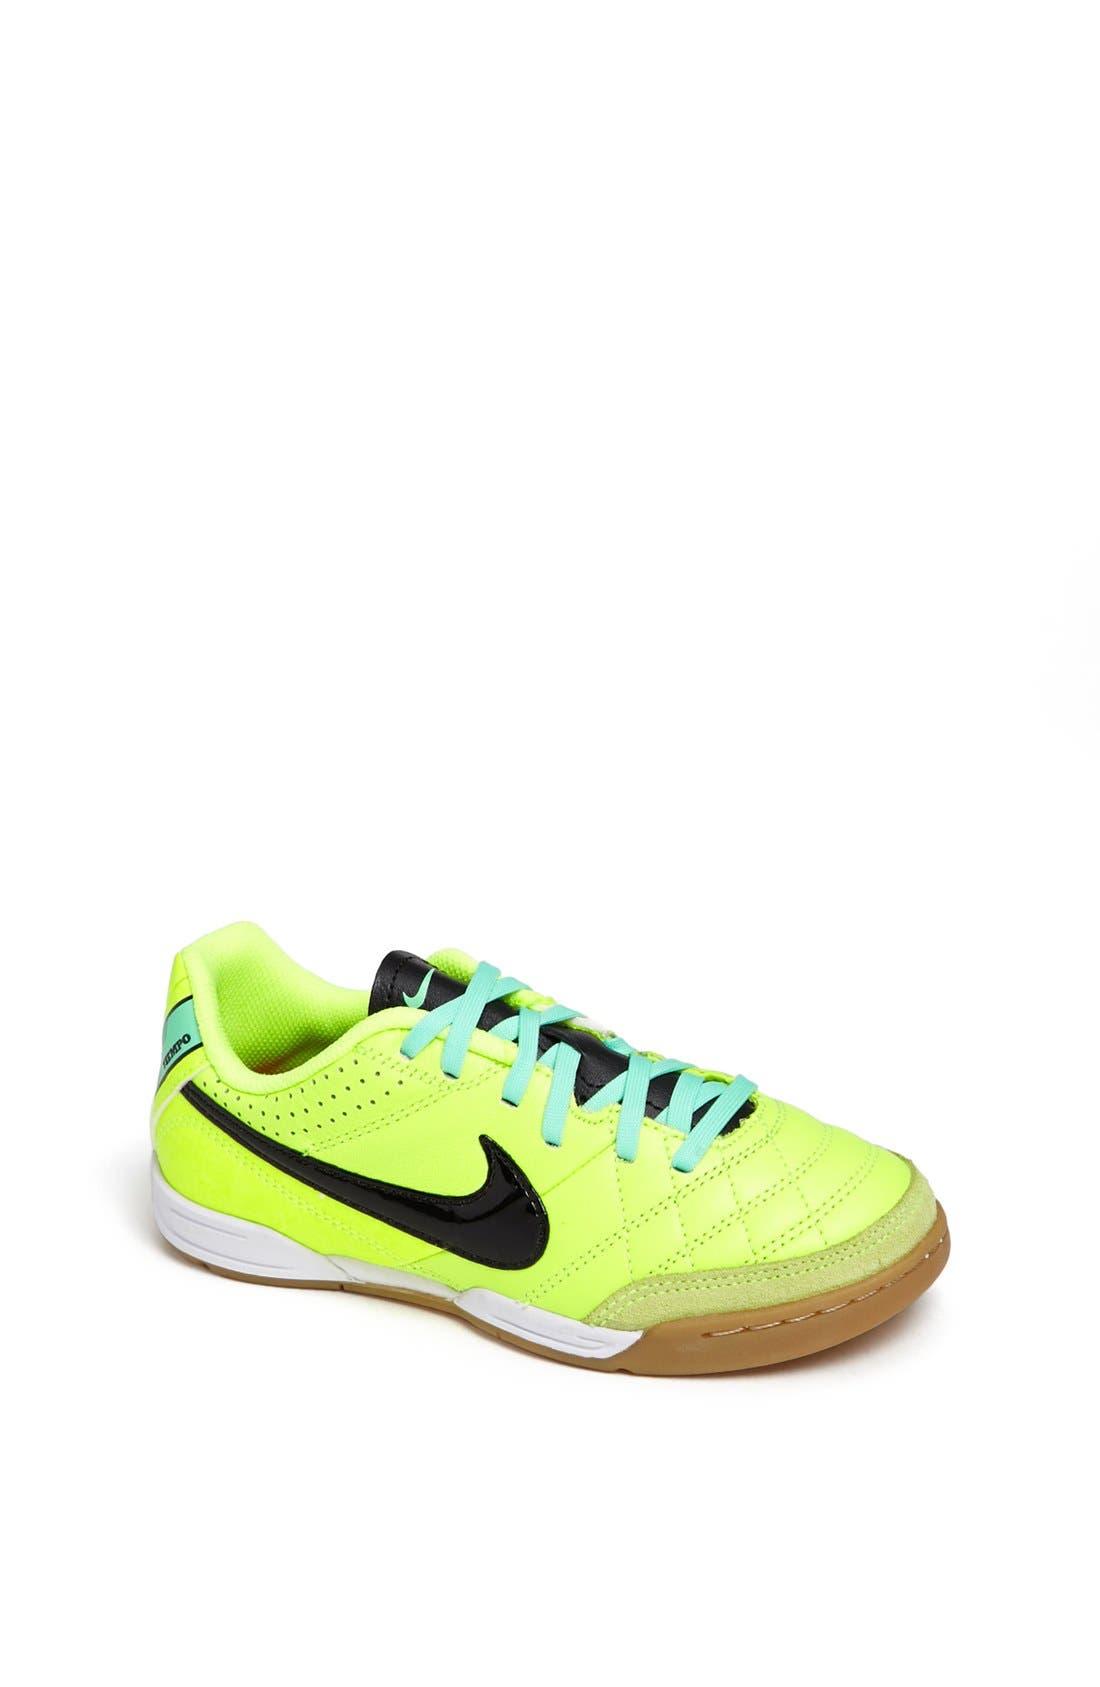 Alternate Image 1 Selected - Nike 'Jr. Tiempo Natural IV' Soccer Shoe (Toddler, Little Kid & Big Kid)